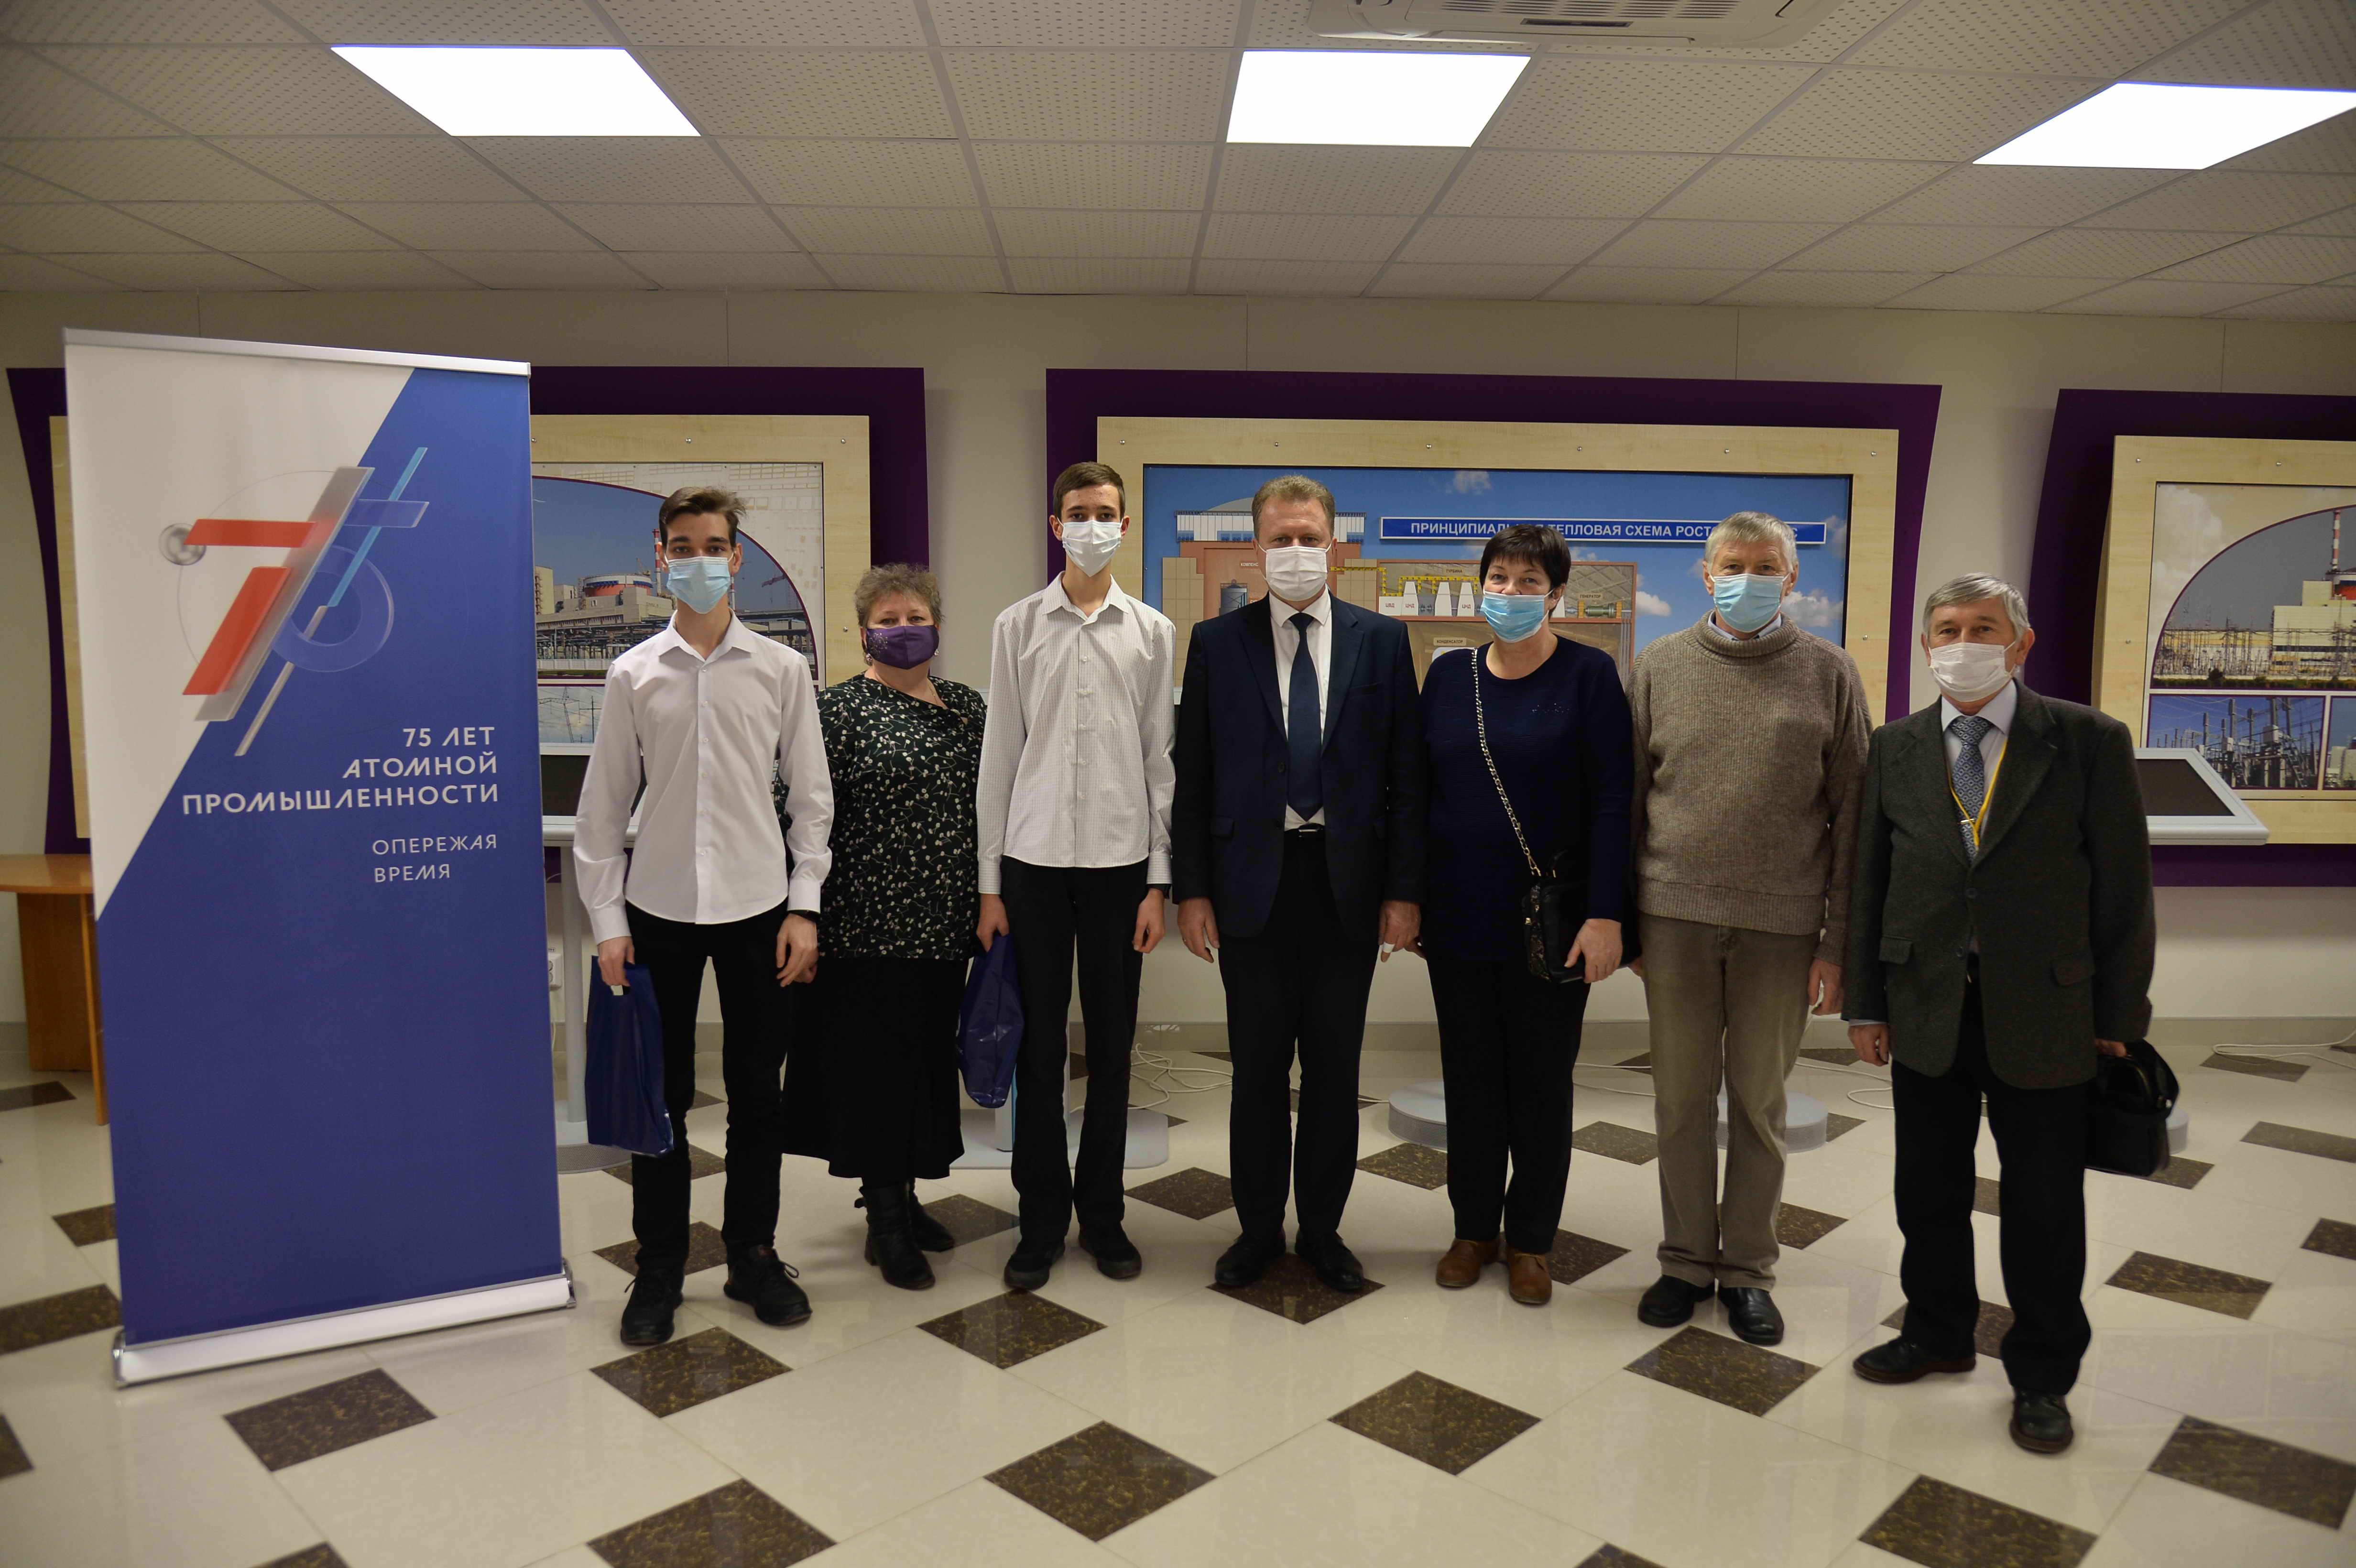 Второй год подряд школьники из Волгодонска завоевывают право стать участниками экспедиции на Северный полюс